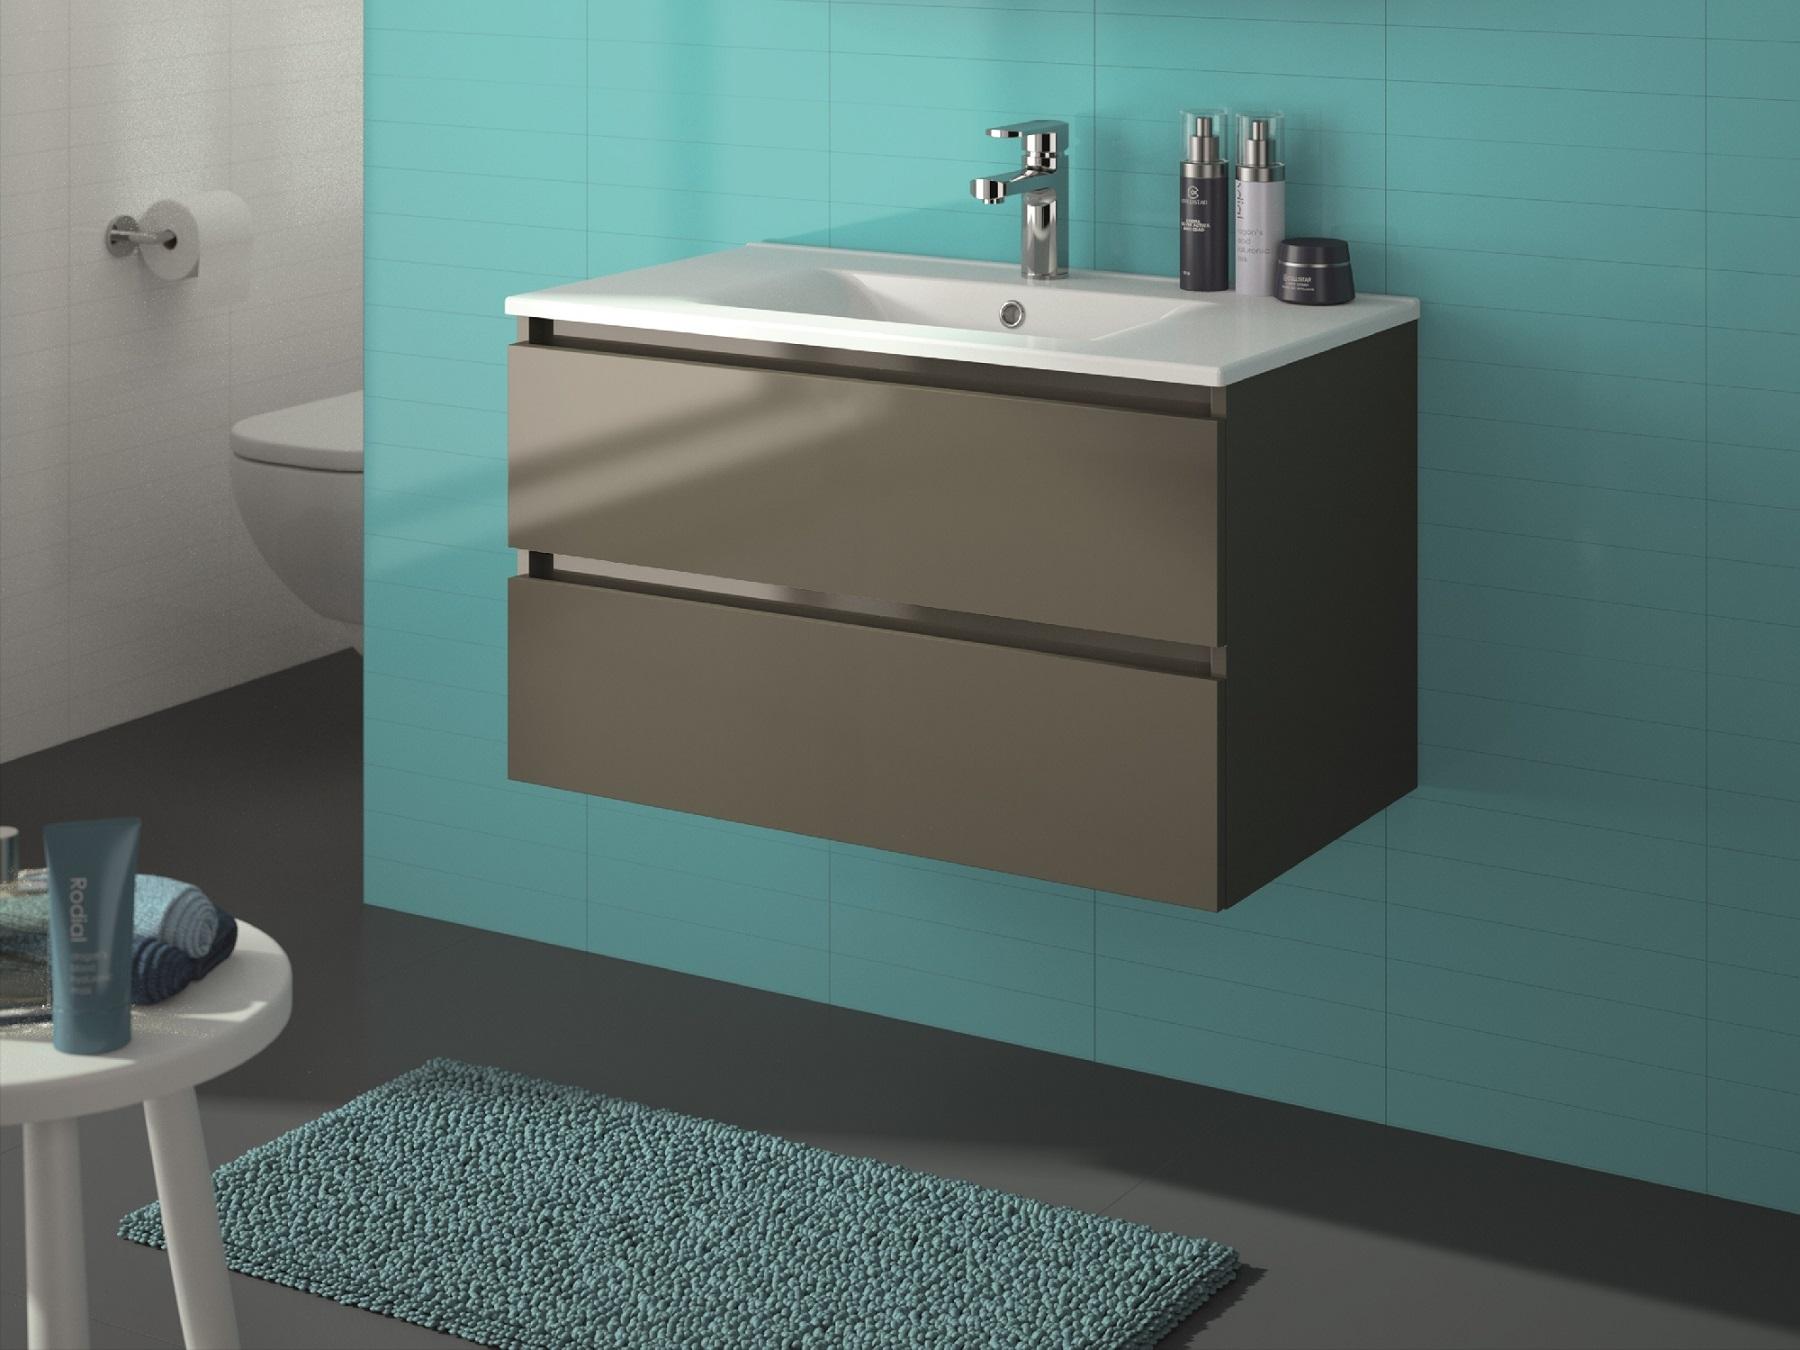 ALLIBERT Badmöbel-Set Badmöbel vormontiert grau Glanz Softclose Waschtisch 80 cm